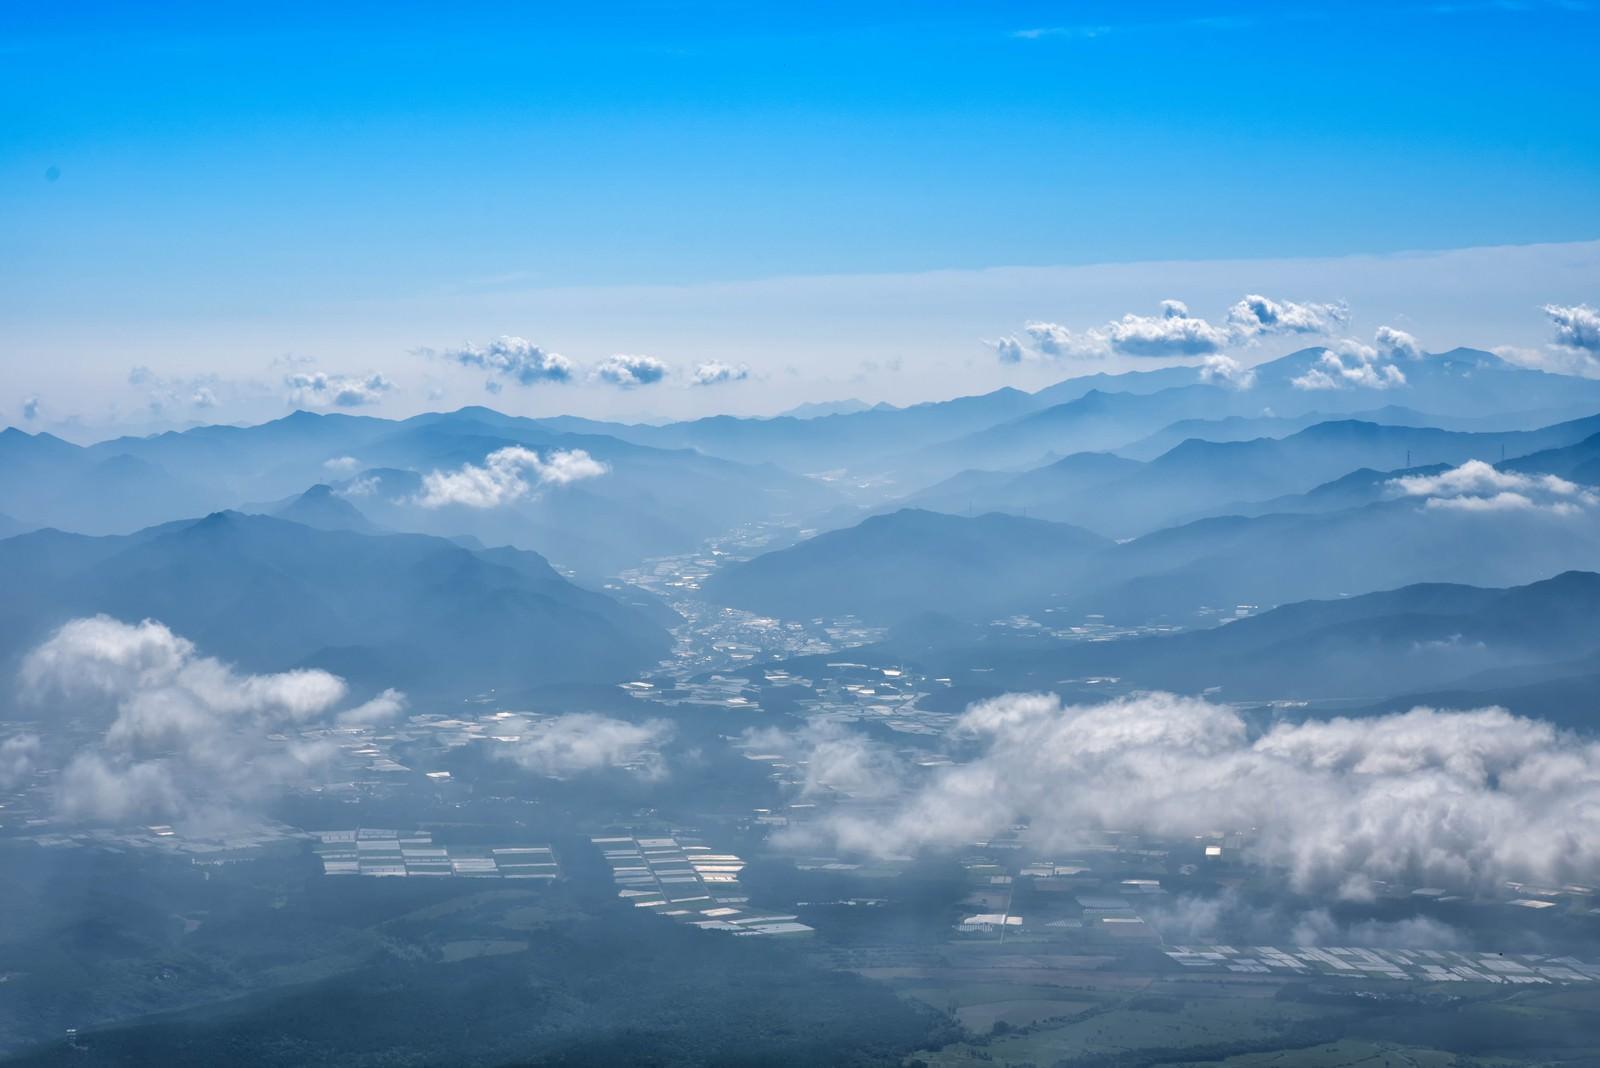 「清里高原の水田風景と雲海清里高原の水田風景と雲海」のフリー写真素材を拡大